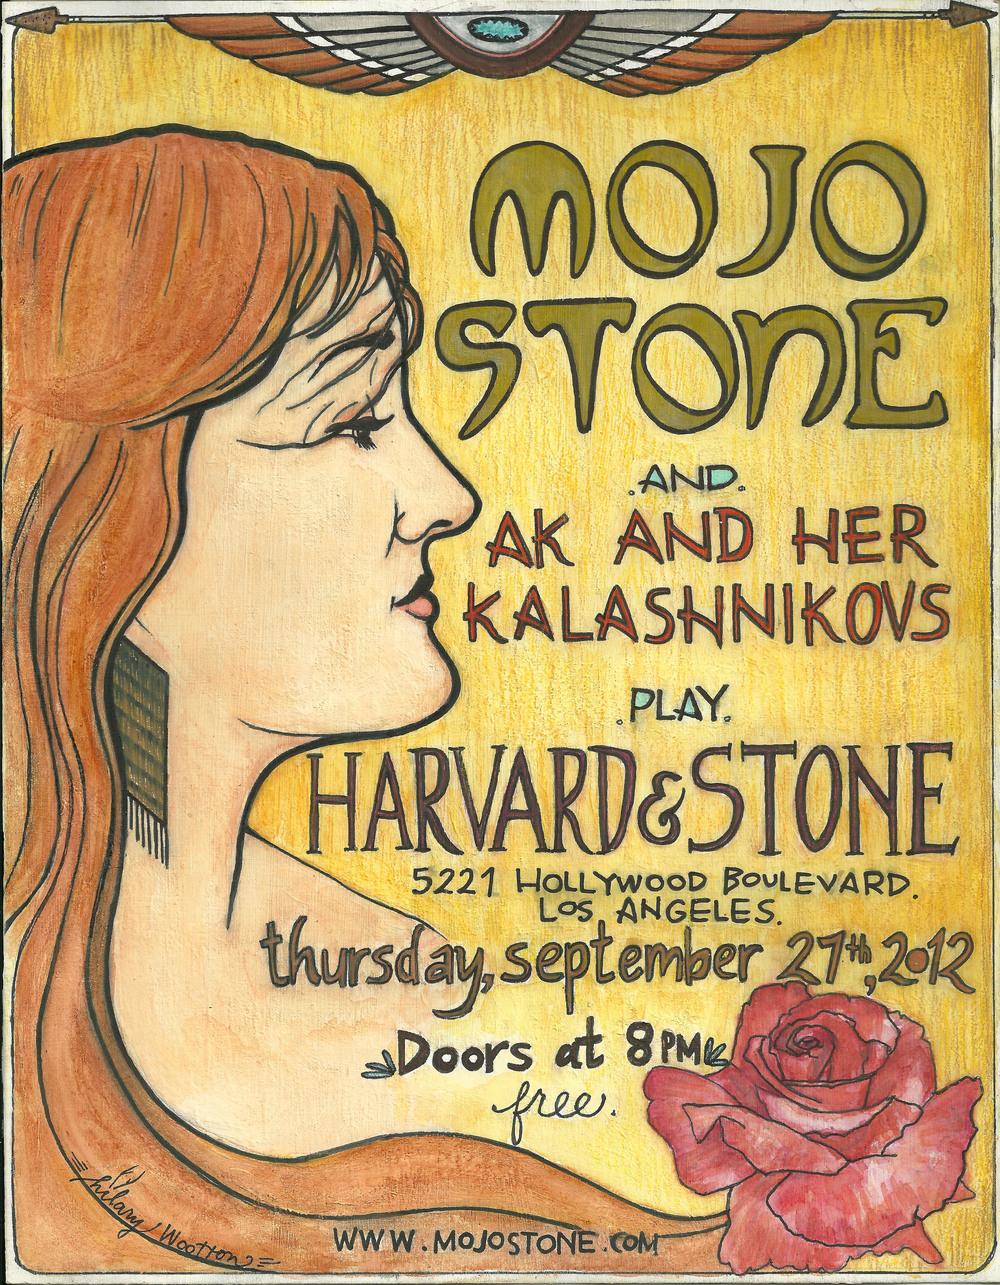 Mojo_Harvard&Stone.jpeg